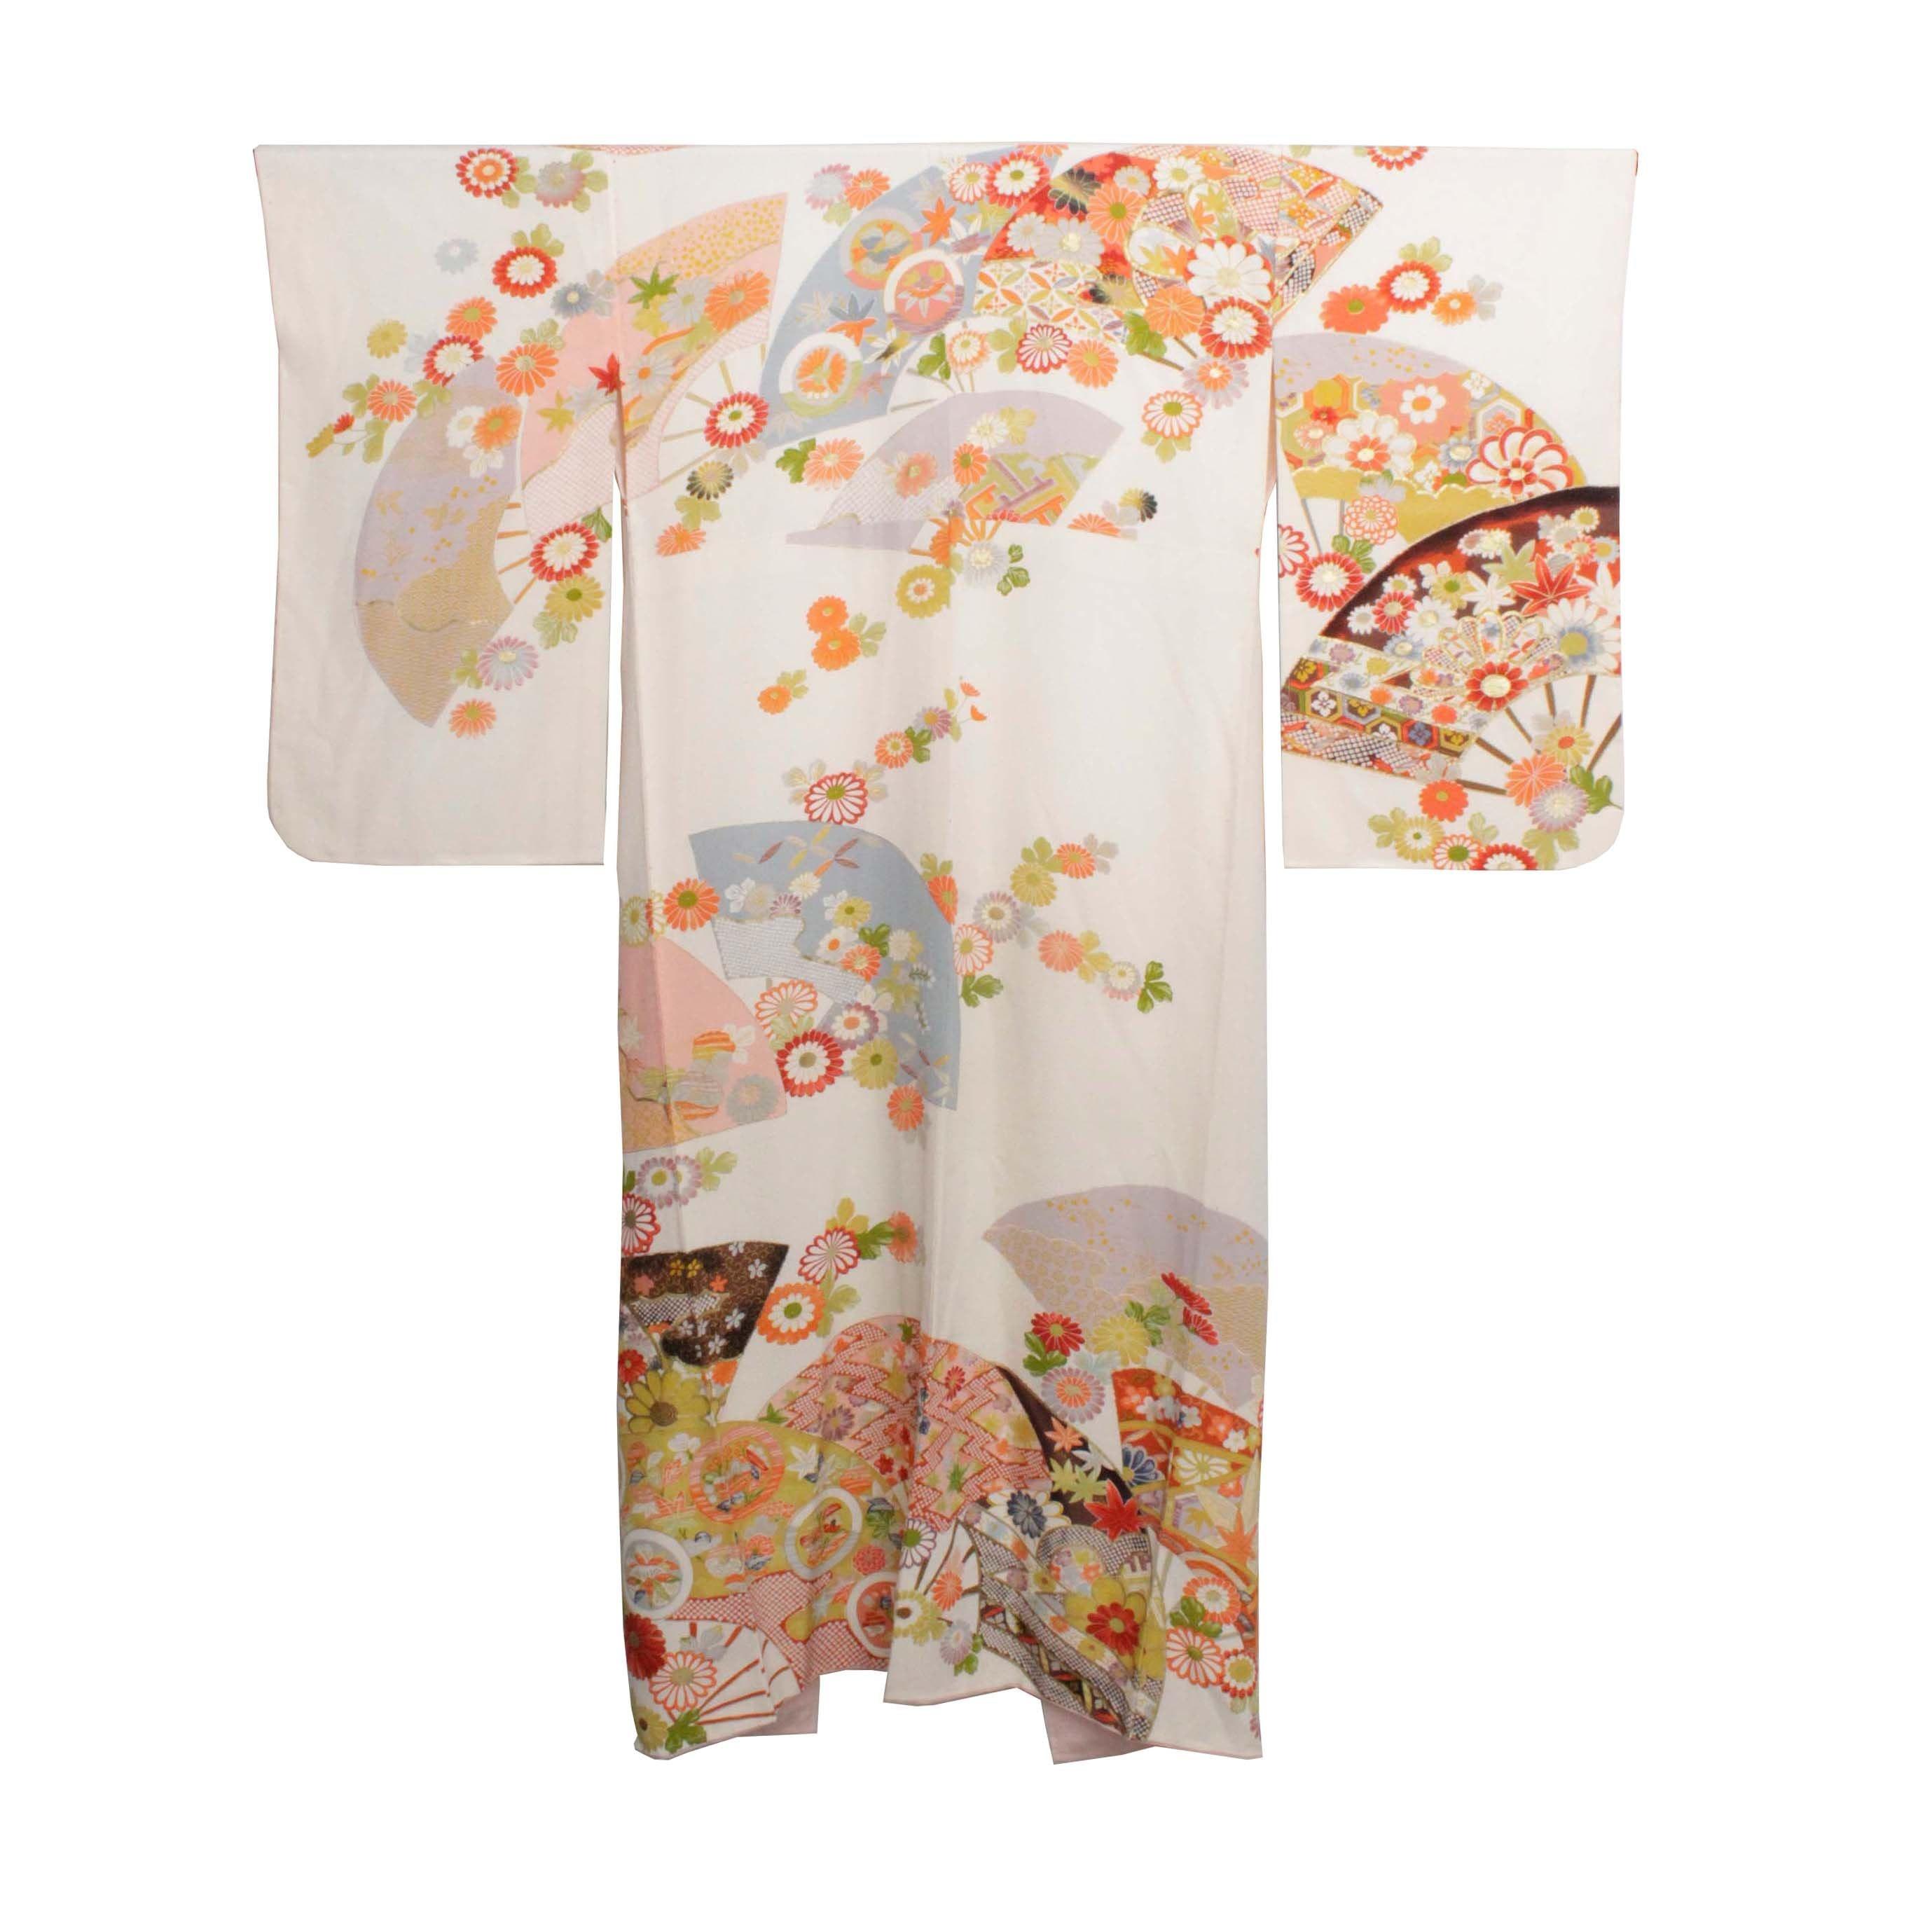 Circa 1940 Vintage Handwoven Silk Crepe Kofurisode Kimono